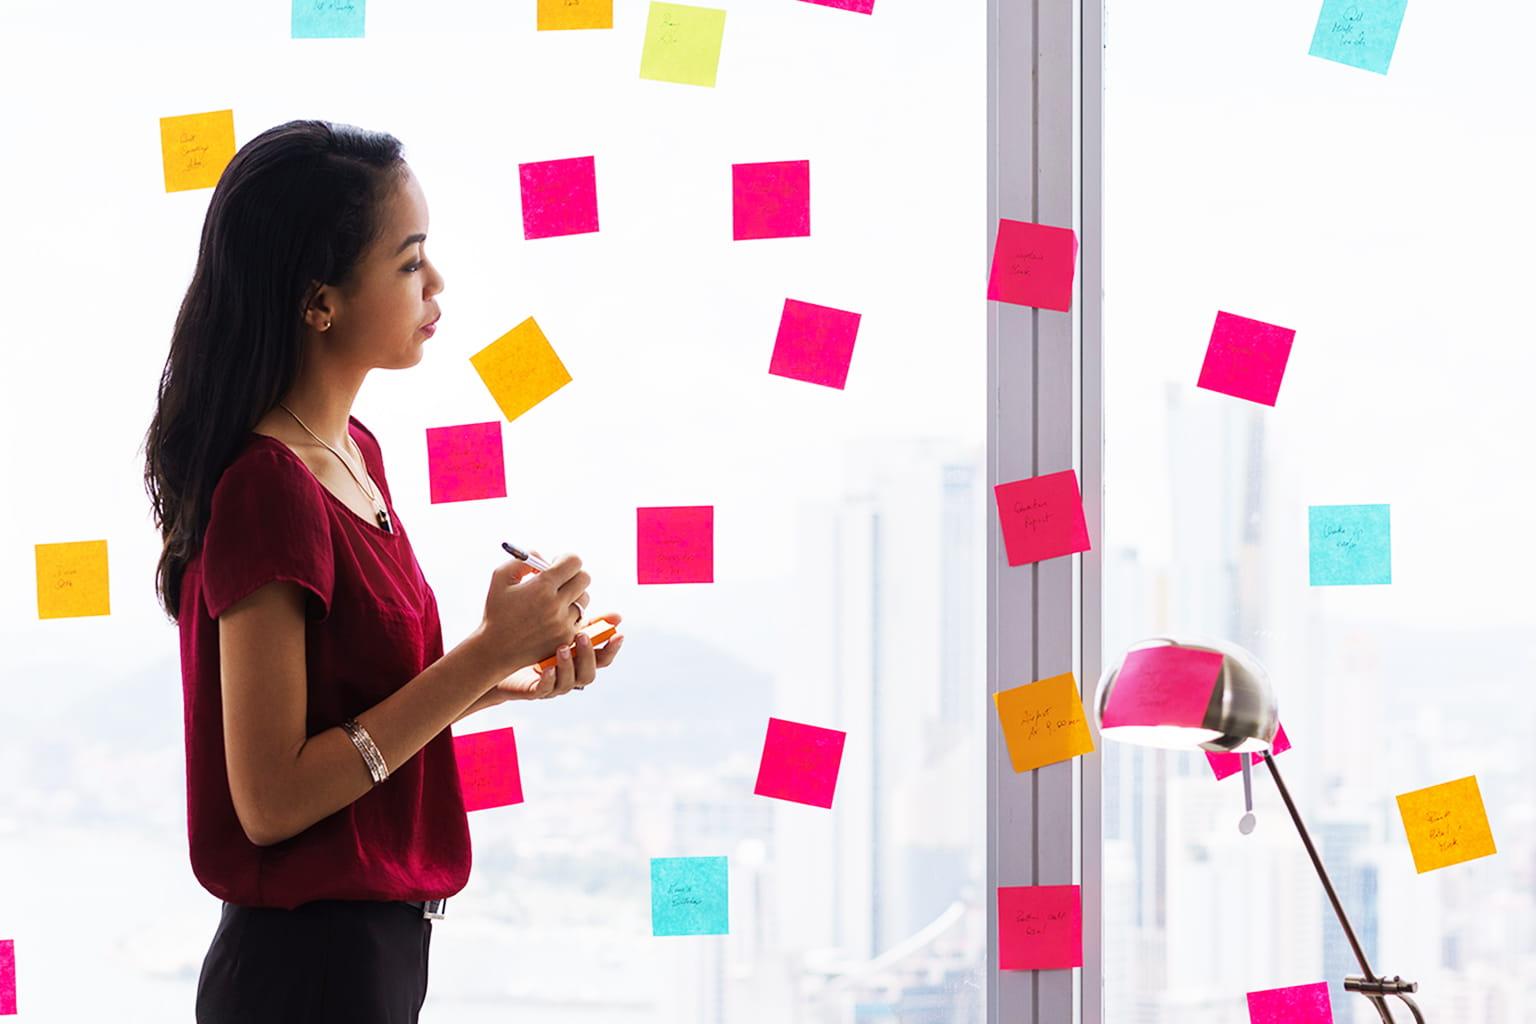 Frau klebt Post-Its mit Notizen an eine Fensterscheibe